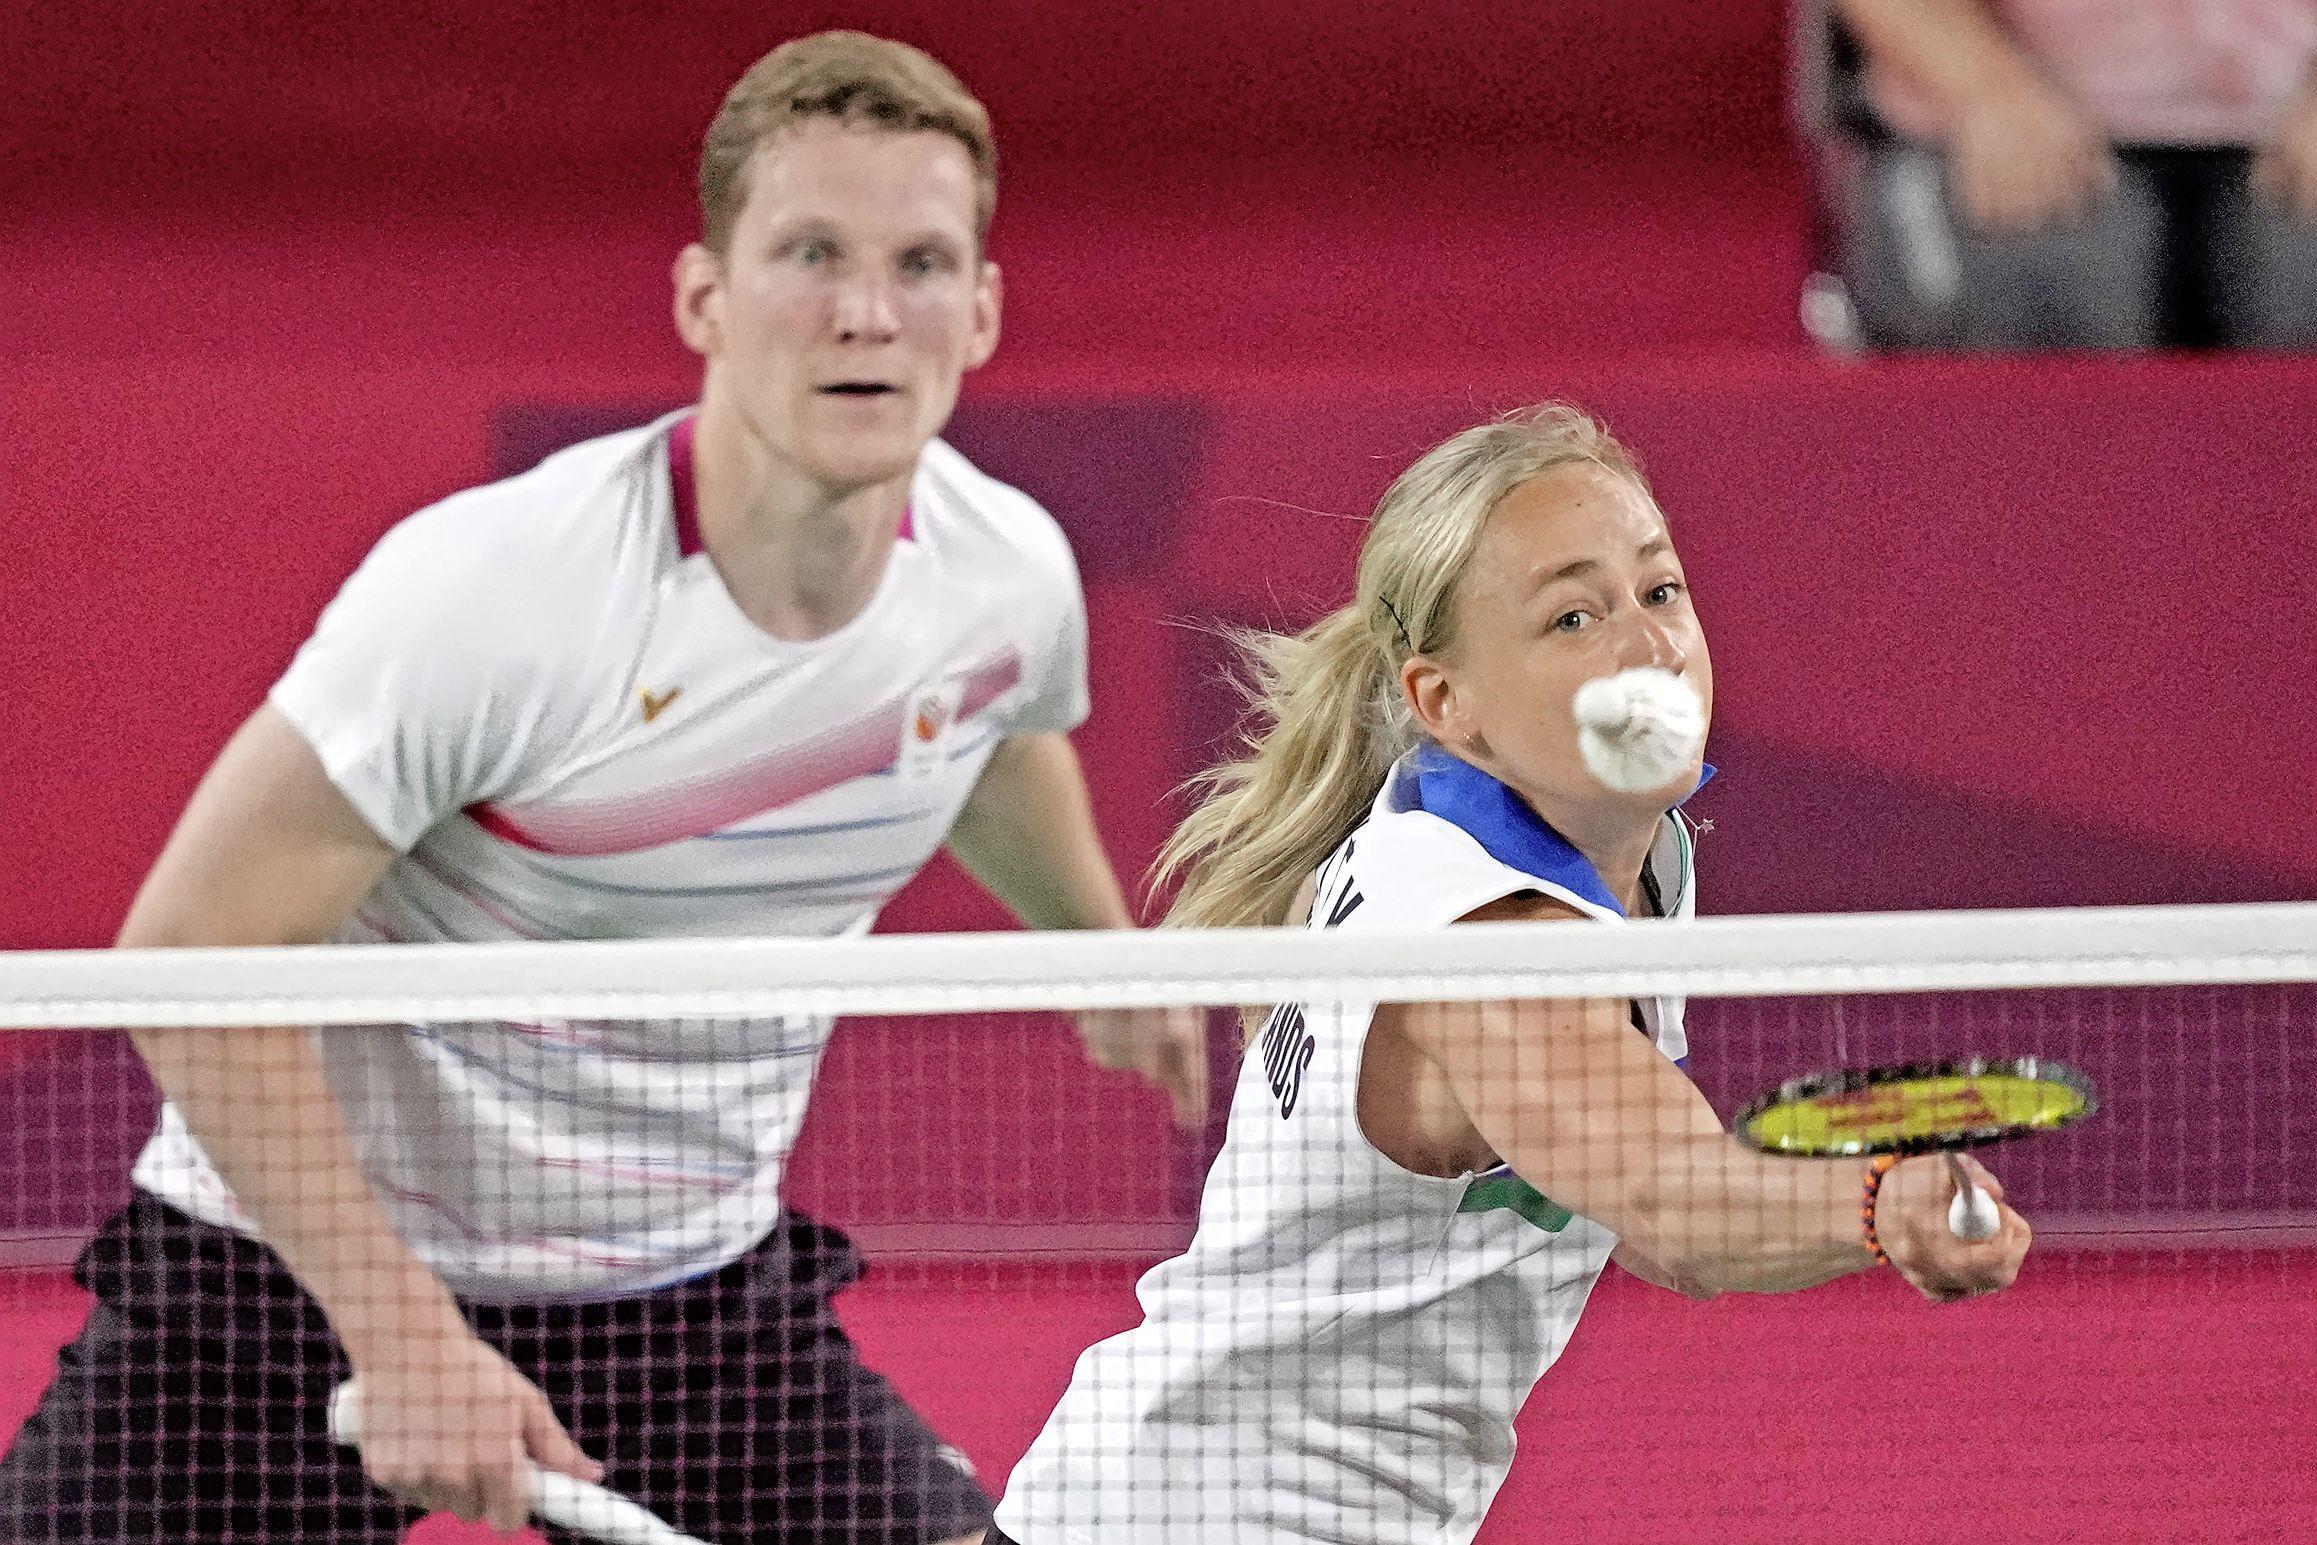 Badmintonduo Tabeling/Piek verliest ook tweede duel